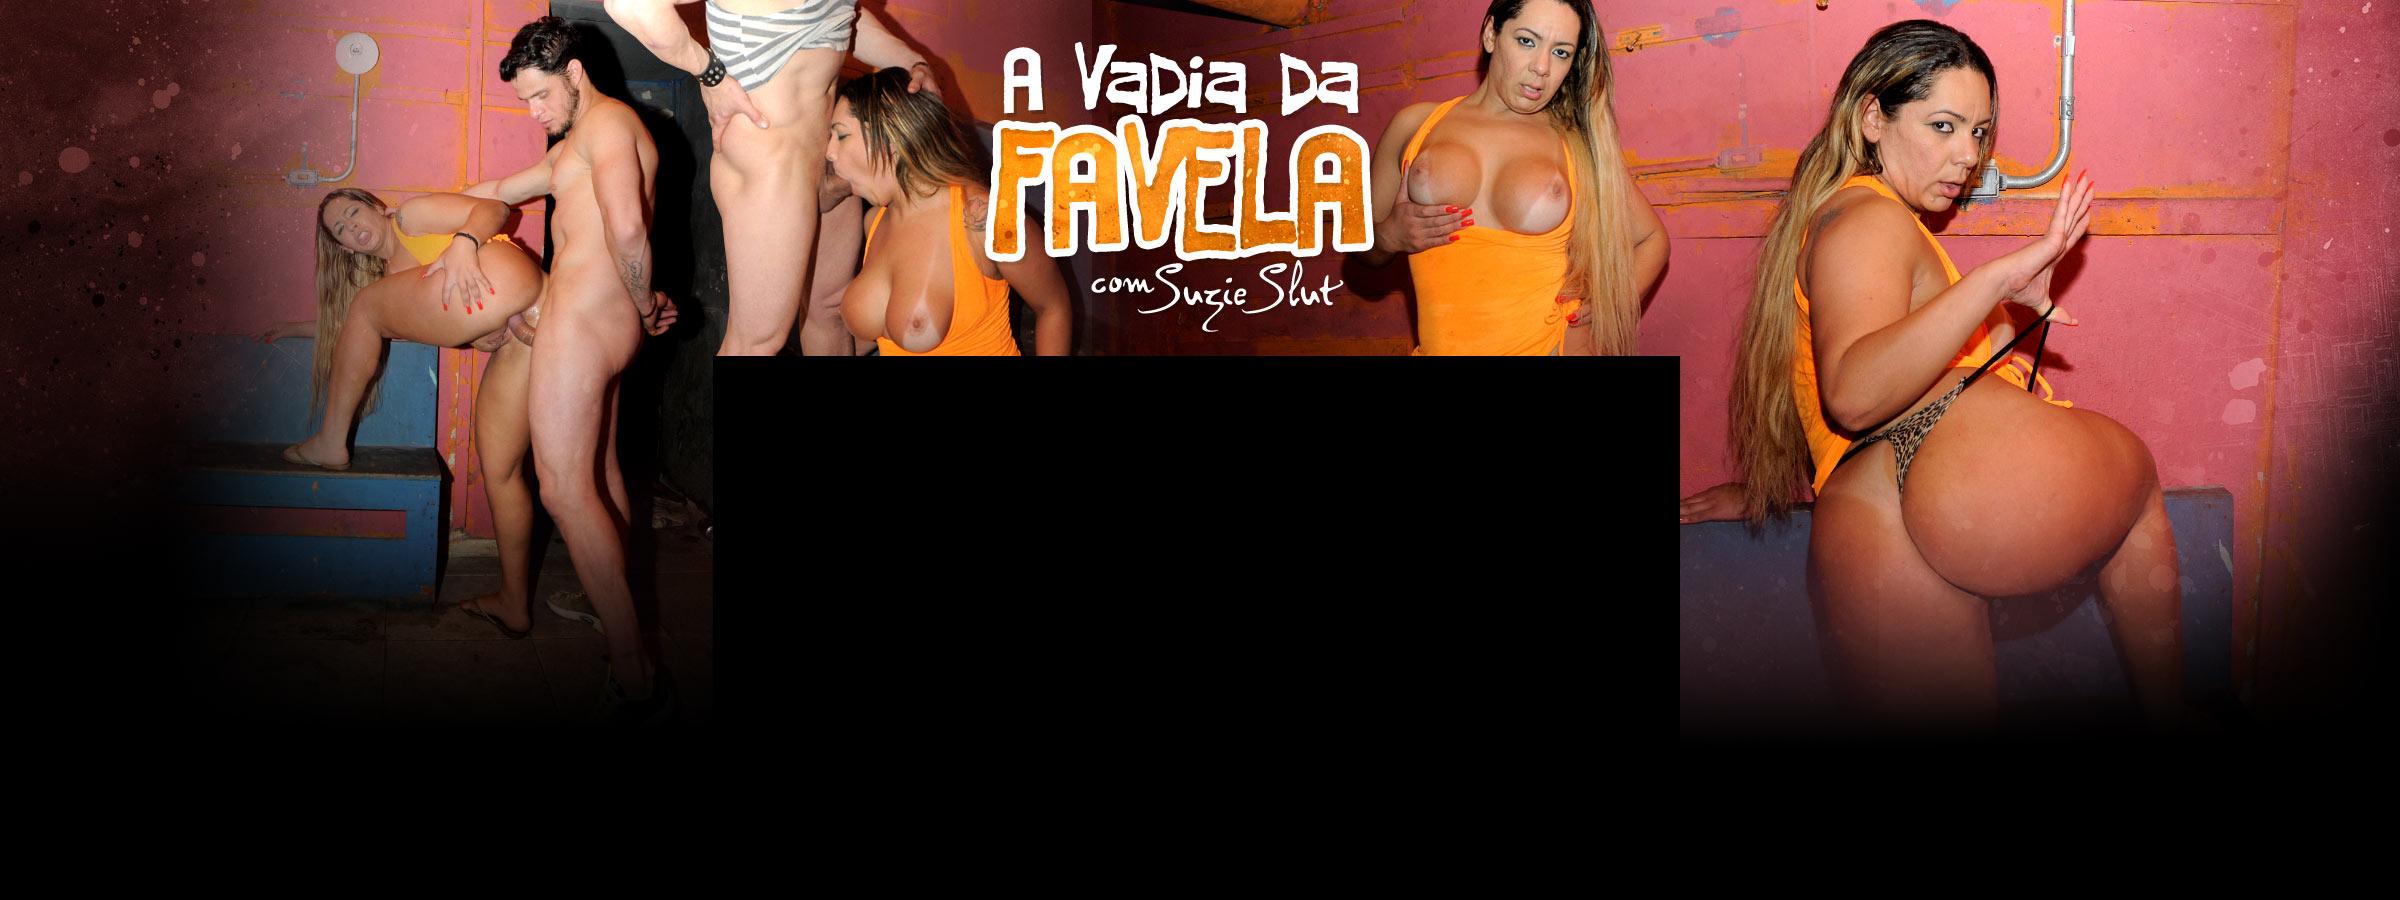 A Vadia da Favela com a gostosa Suzie Slut